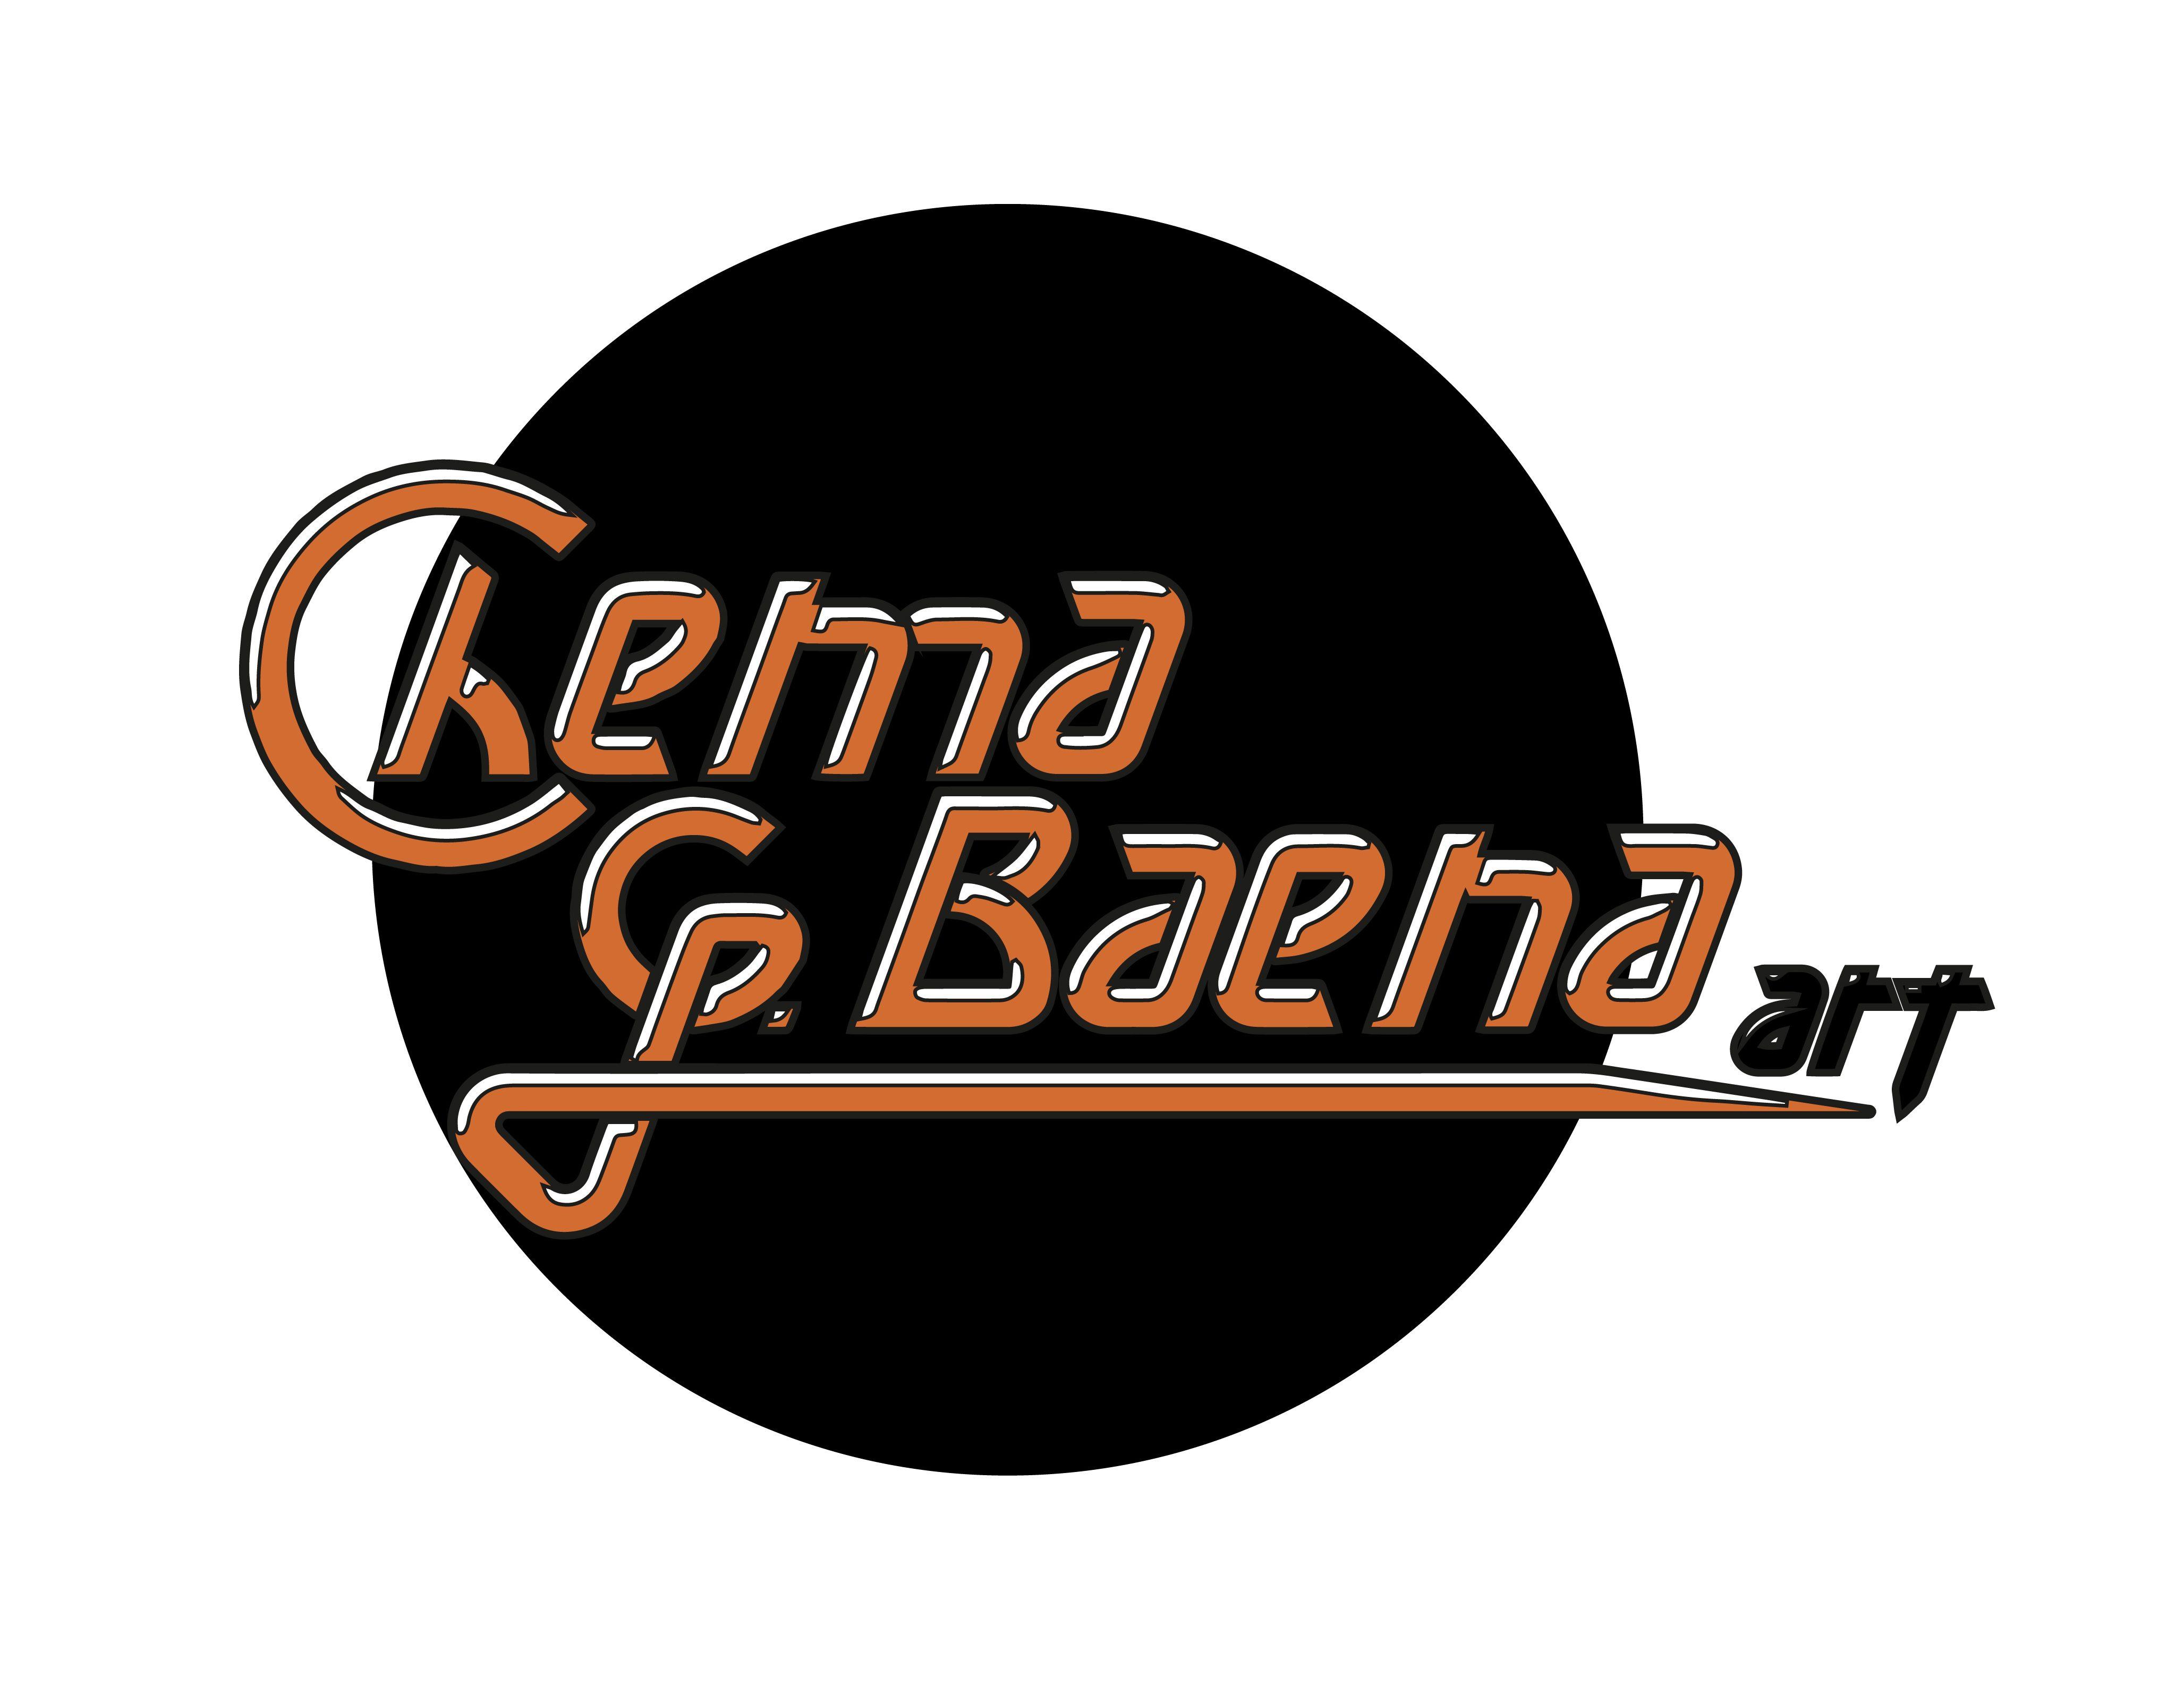 Chema G. Baena Art